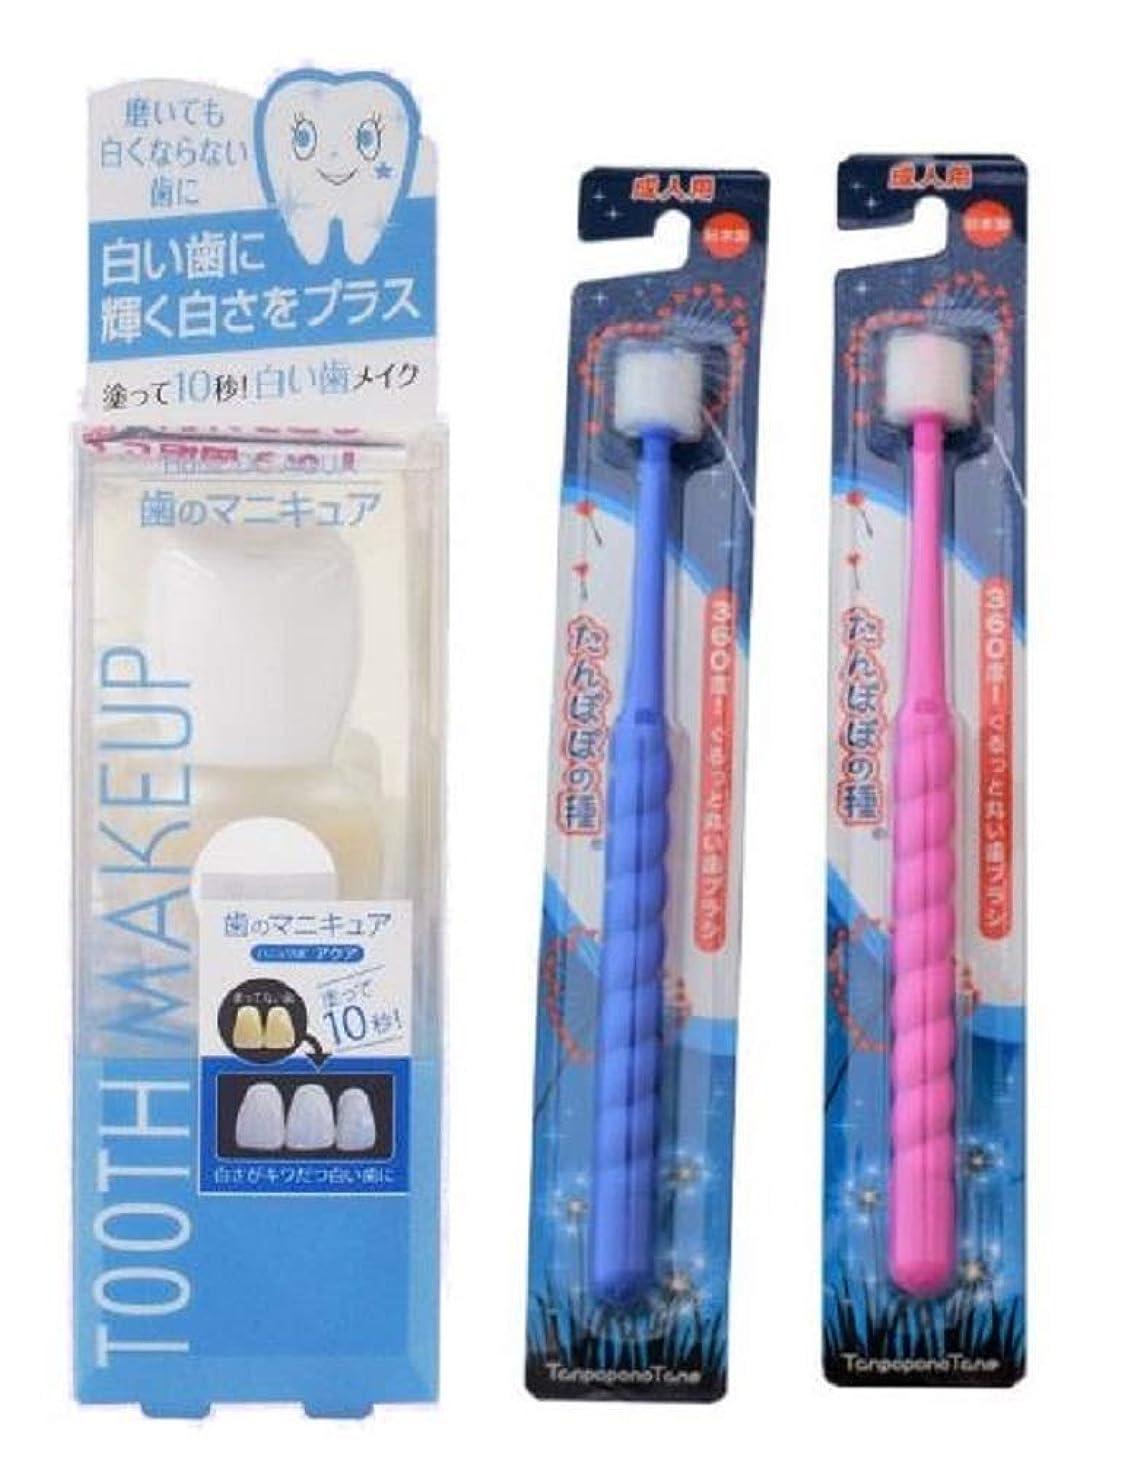 早熟年金受給者肺ハニックDCアクア たんぽぽの種歯ブラシ2本セット